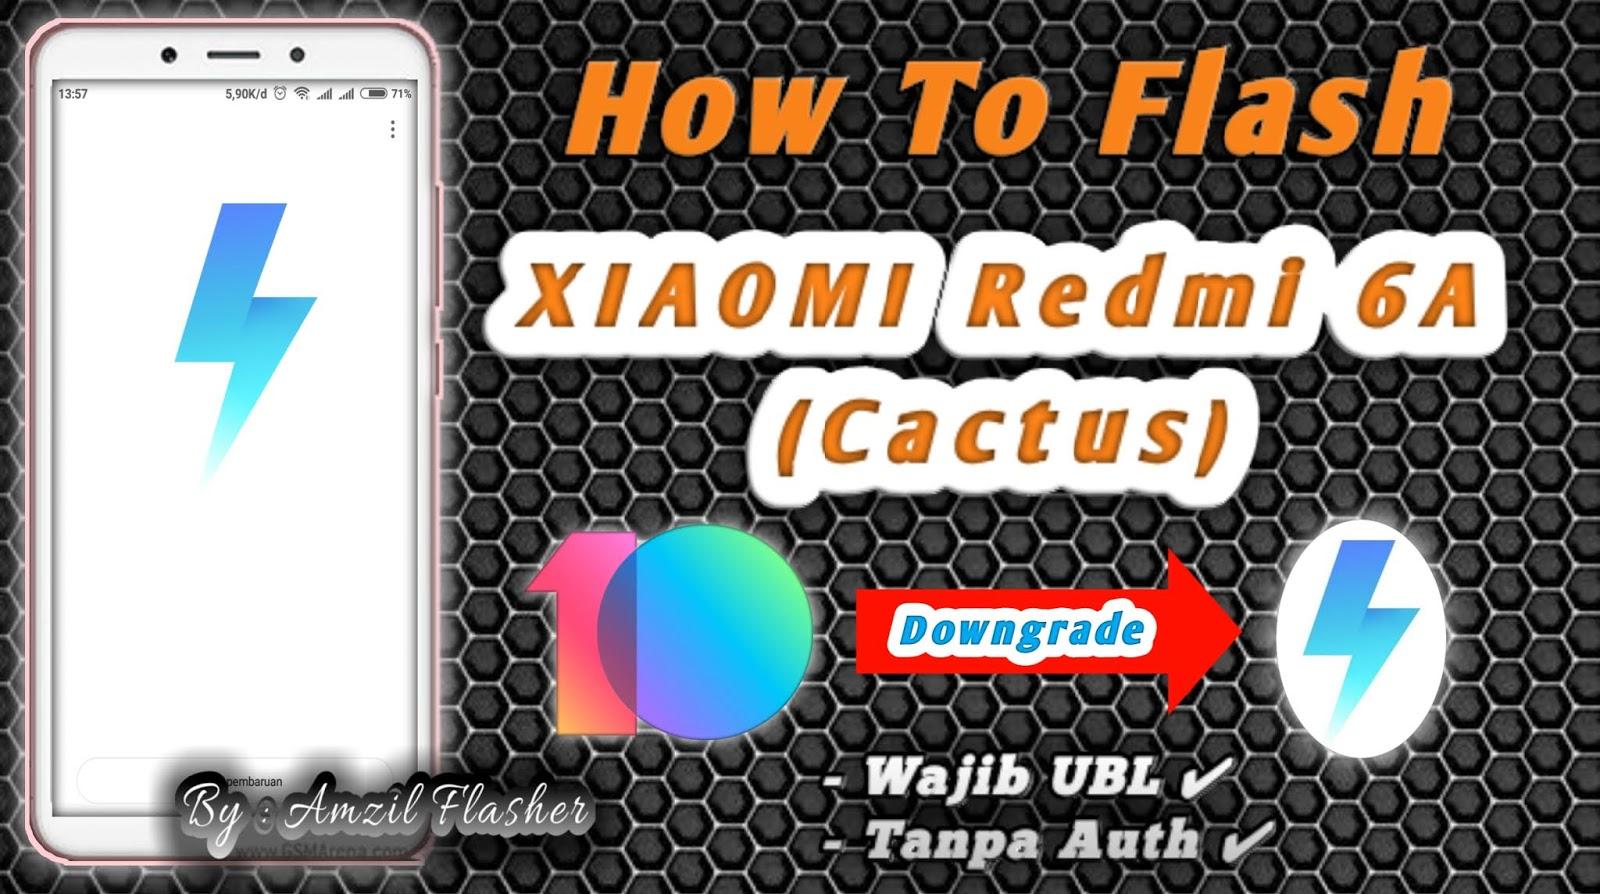 Cara Flash Redmi 6a  Cactus  Dari Miui 10 Ke Miui 9  Tested 100  Work